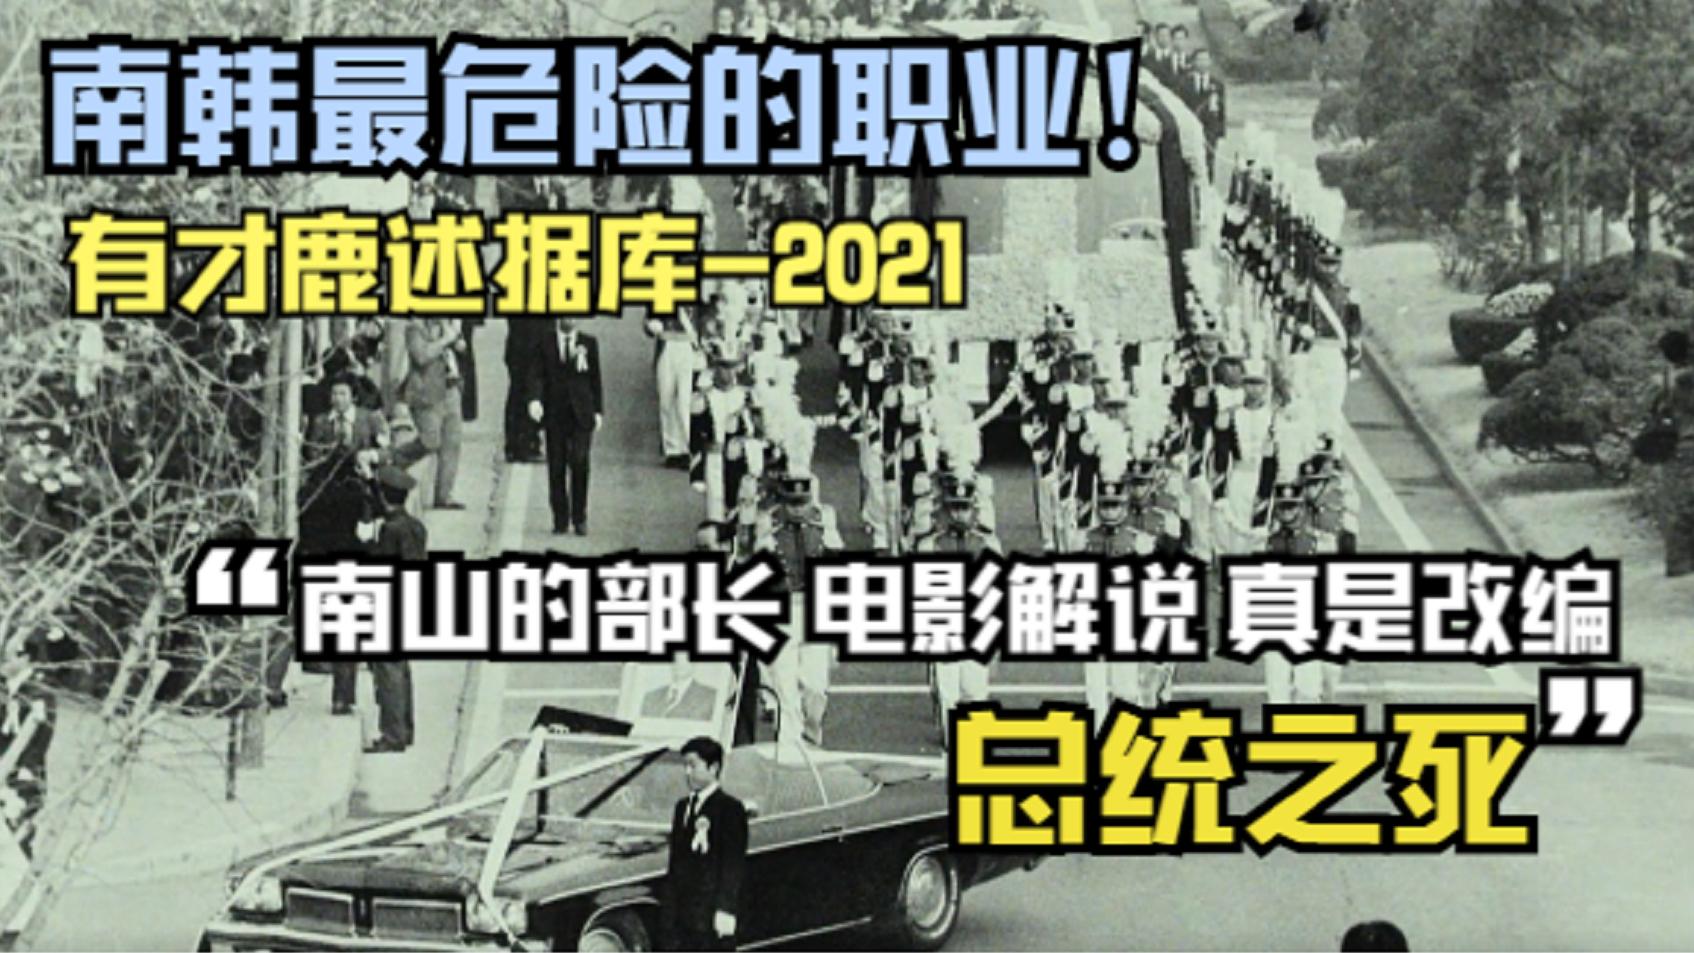 【南山的部长们-电影解说-有才鹿述据库】韩国最危险的职业 真实事件改编 展示了东方式政斗的含蓄和内敛